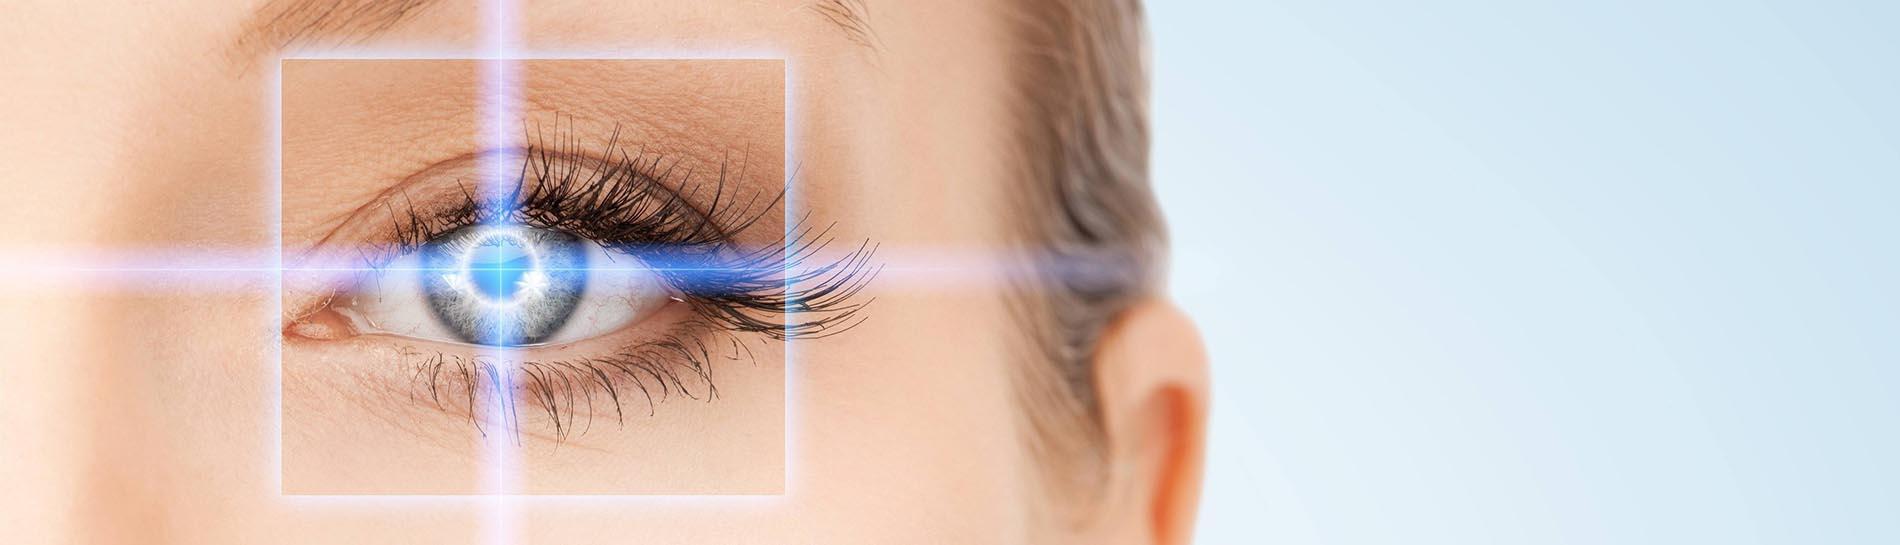 uborka a látás helyreállításához A kávé káros a látásra